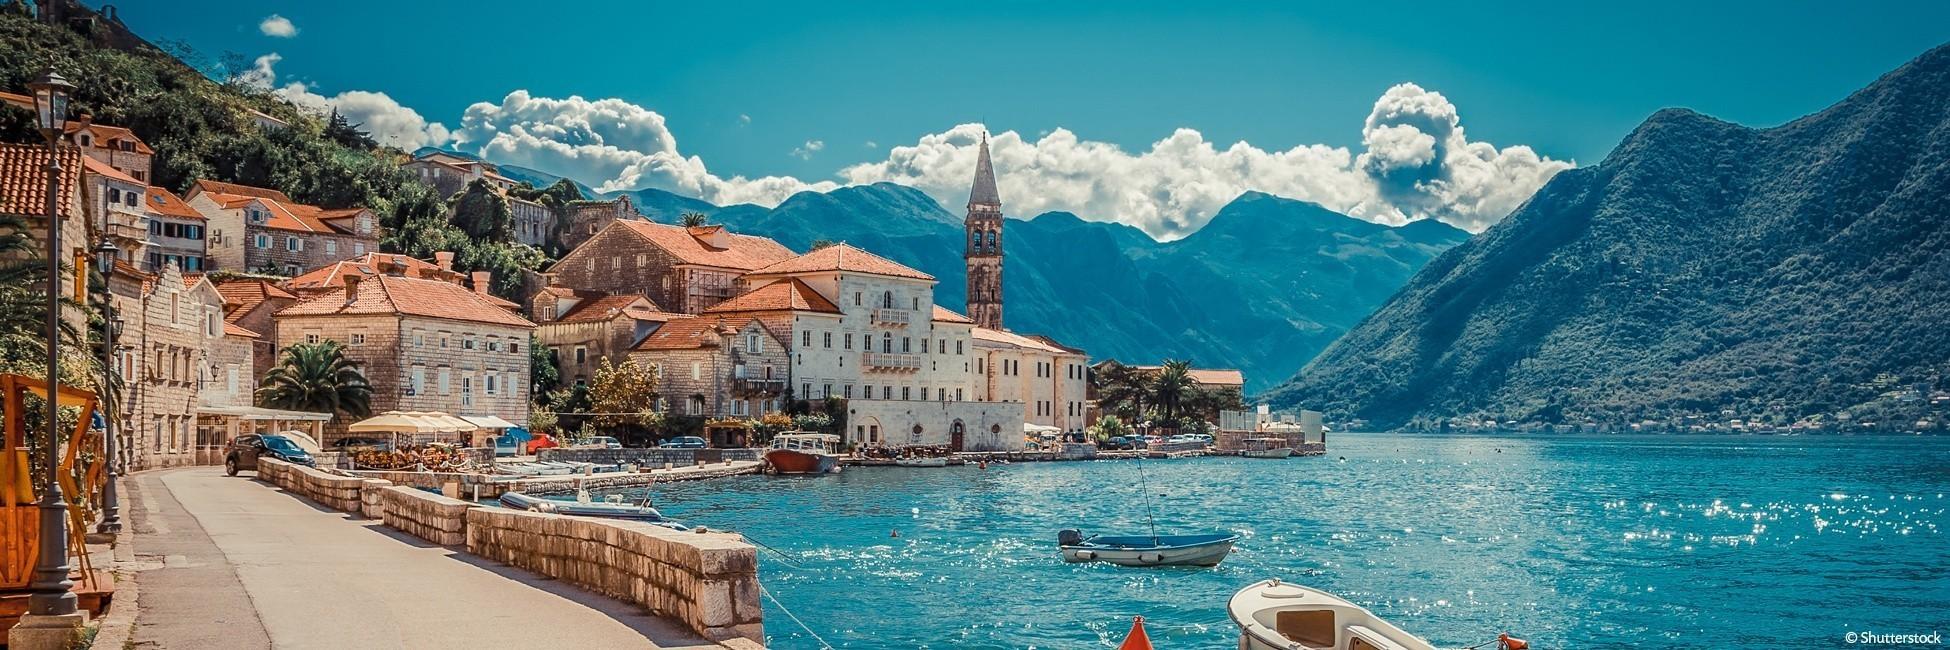 montenegro-mer-adriatique-kotor-croisieurope-slider-dhd-shutterstock